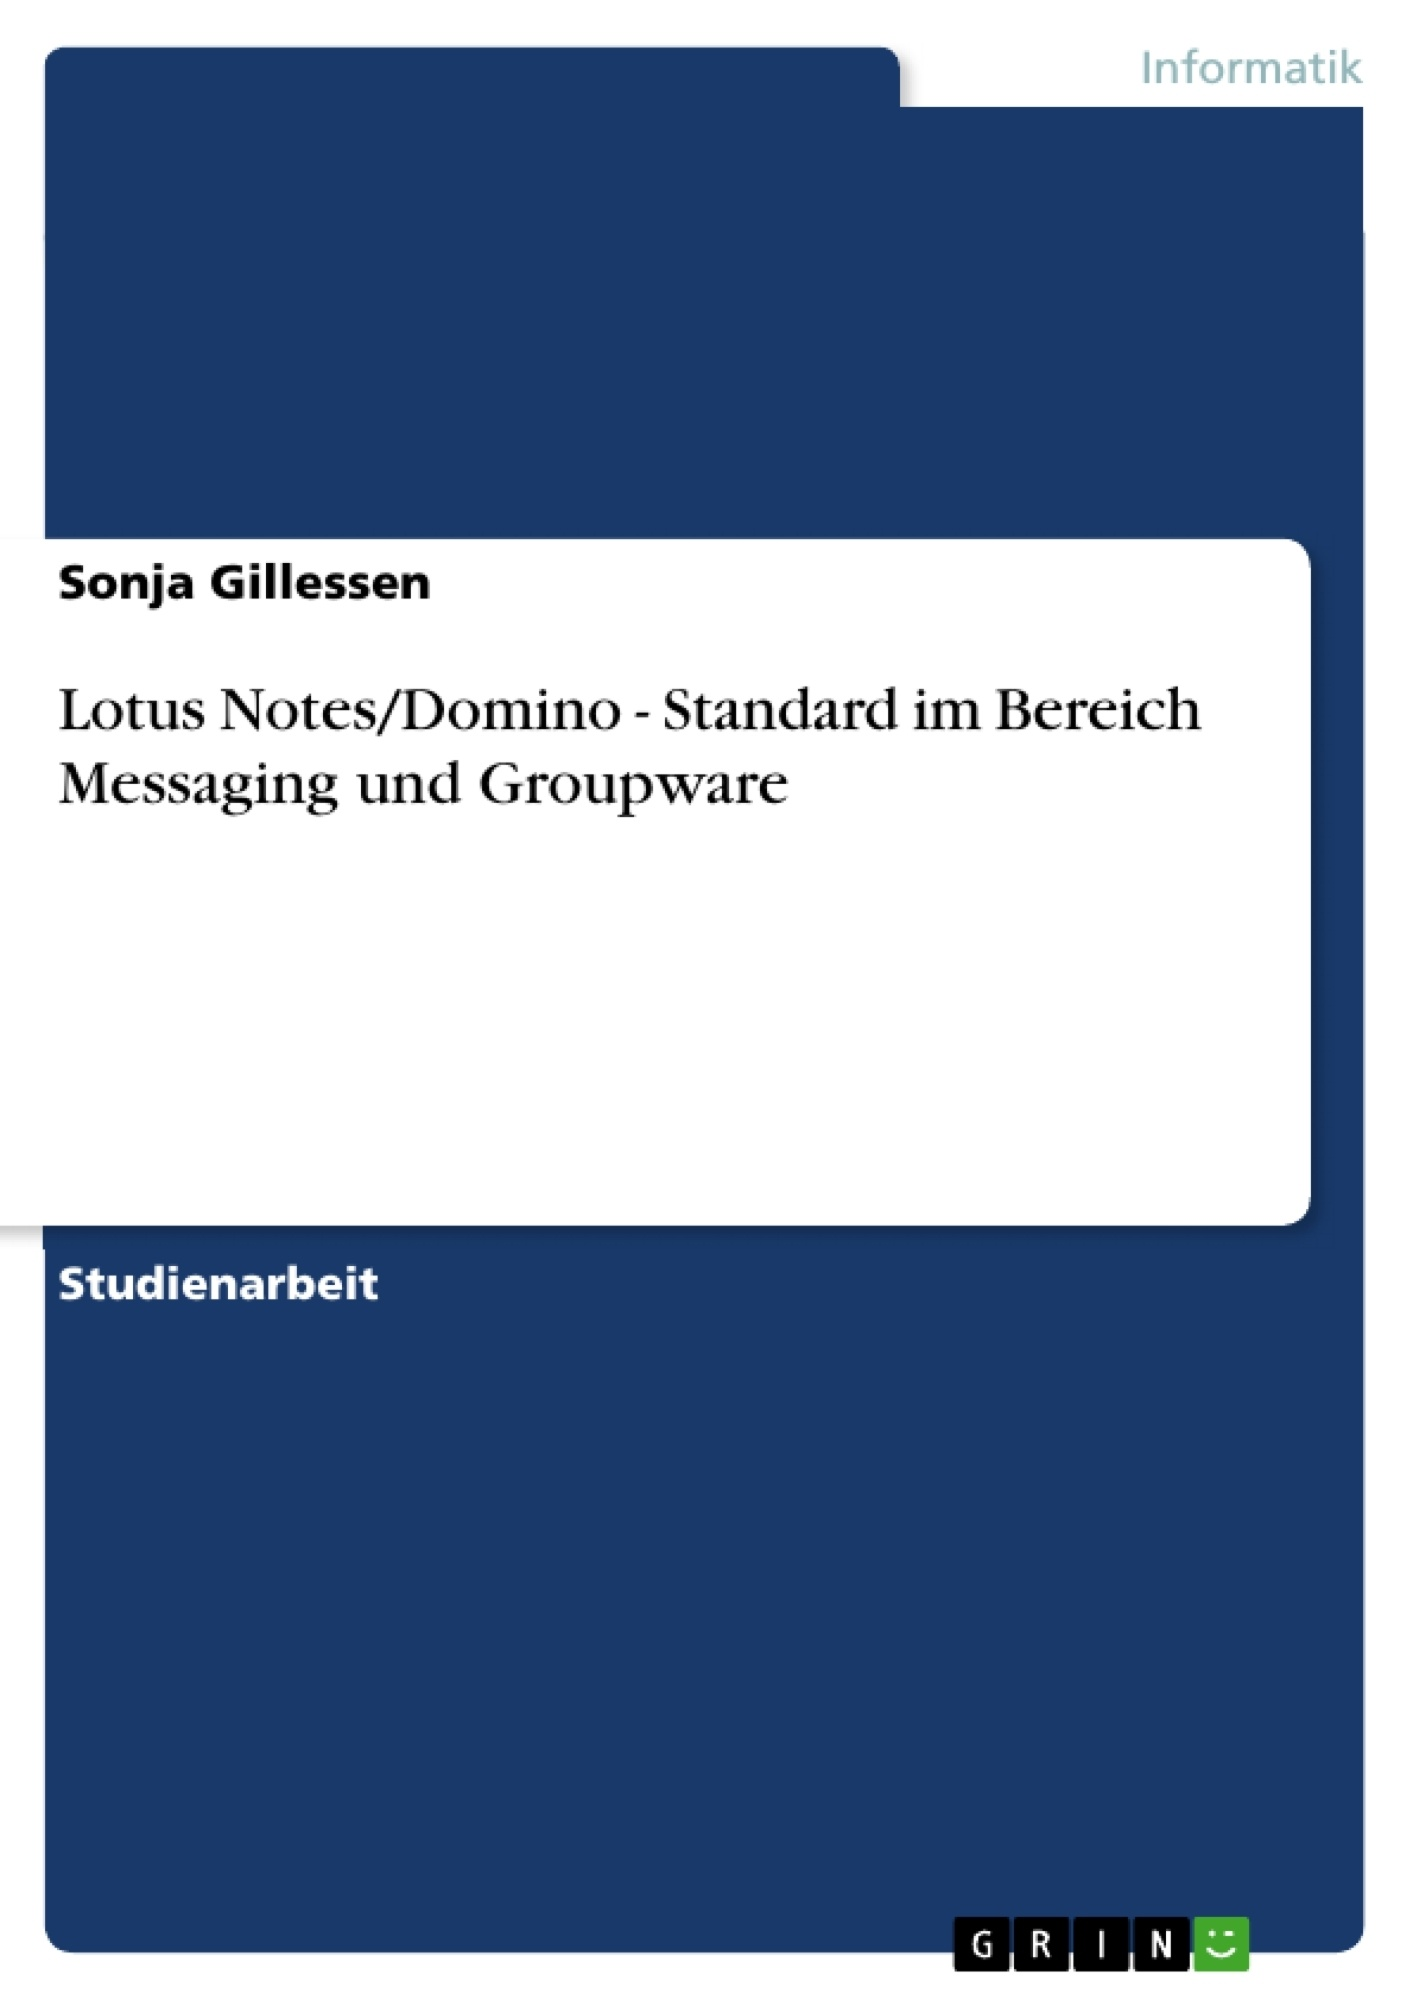 Titel: Lotus Notes/Domino - Standard im Bereich Messaging und Groupware